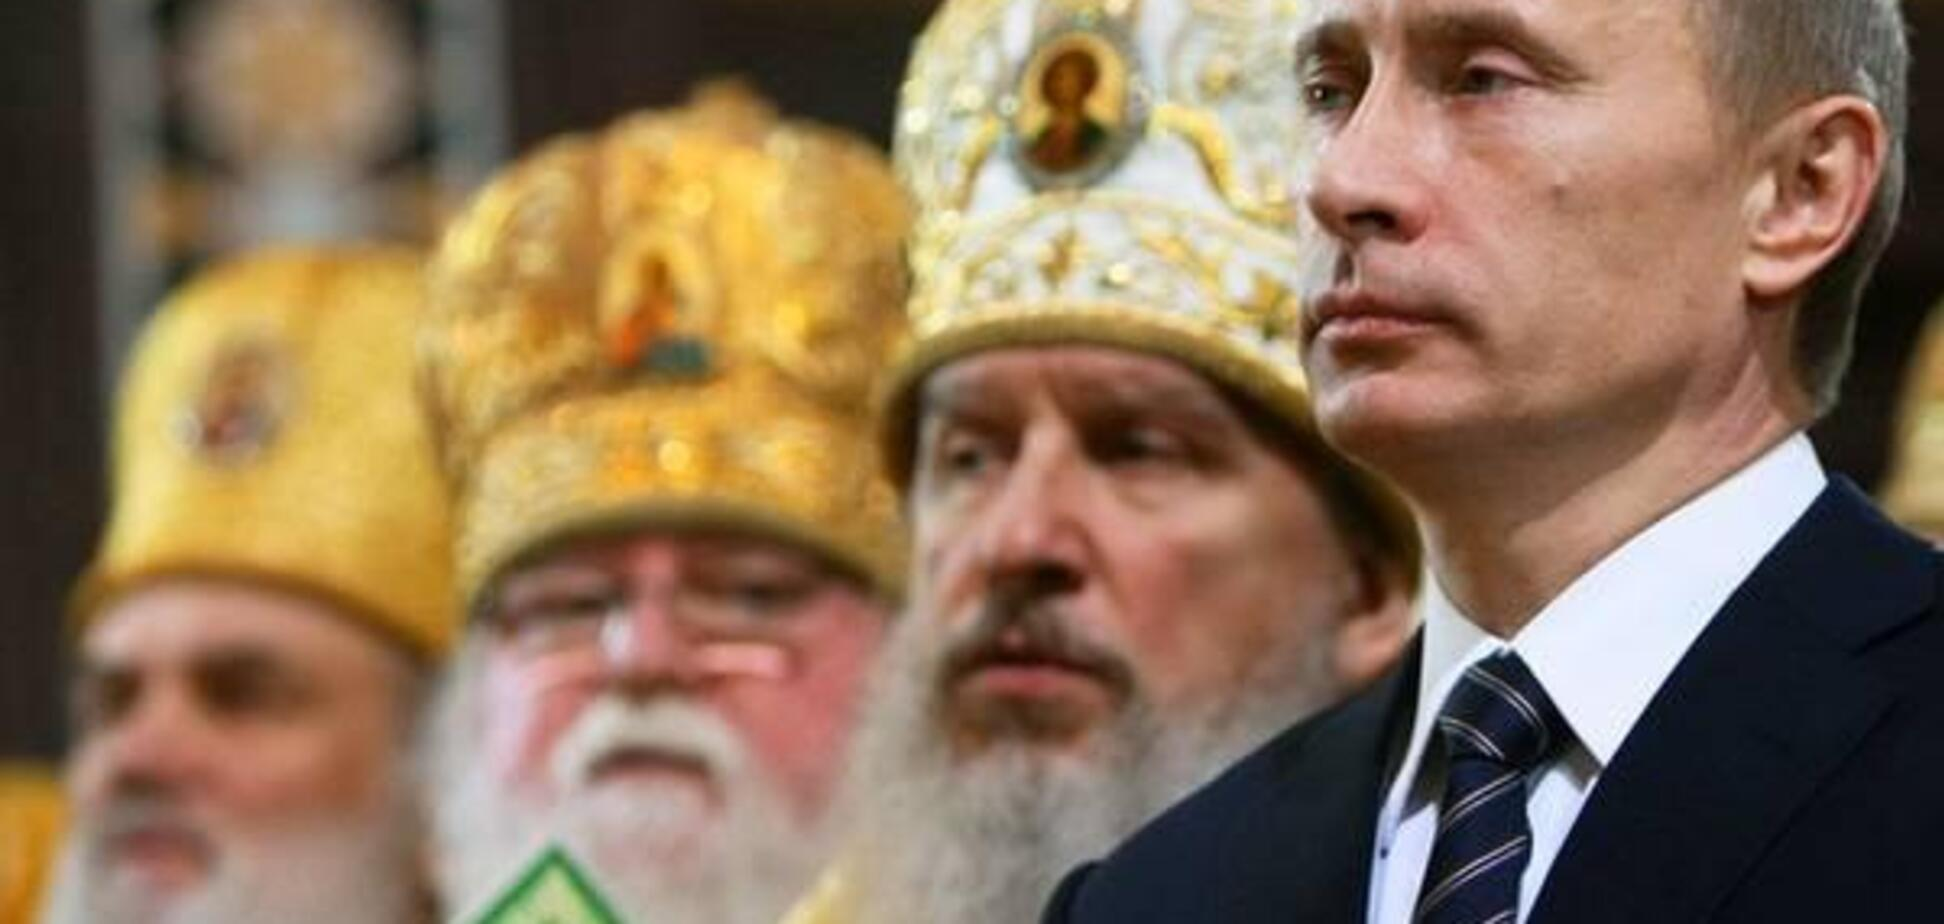 Кремлевские мракобесы надеются сберечь свою раковую опухоль в Украине